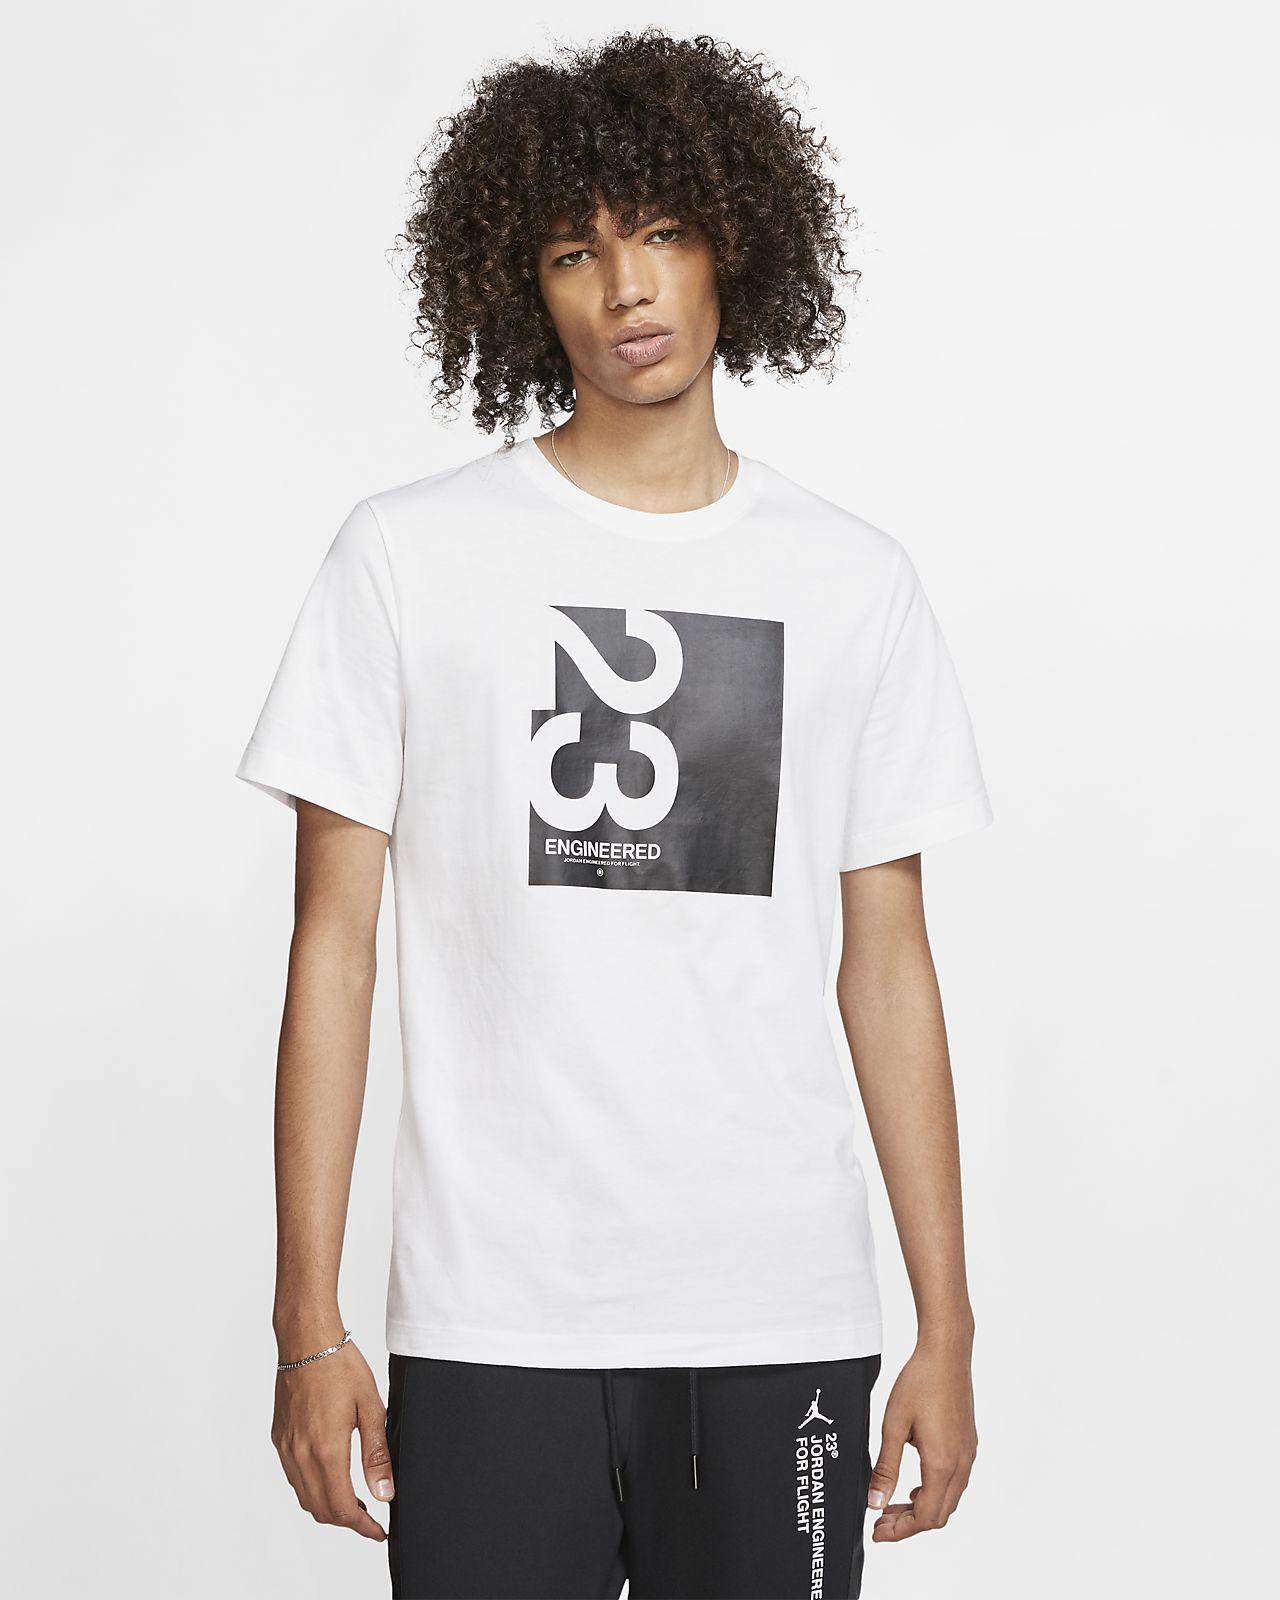 Jordan 23 Engineered Erkek Tişörtü